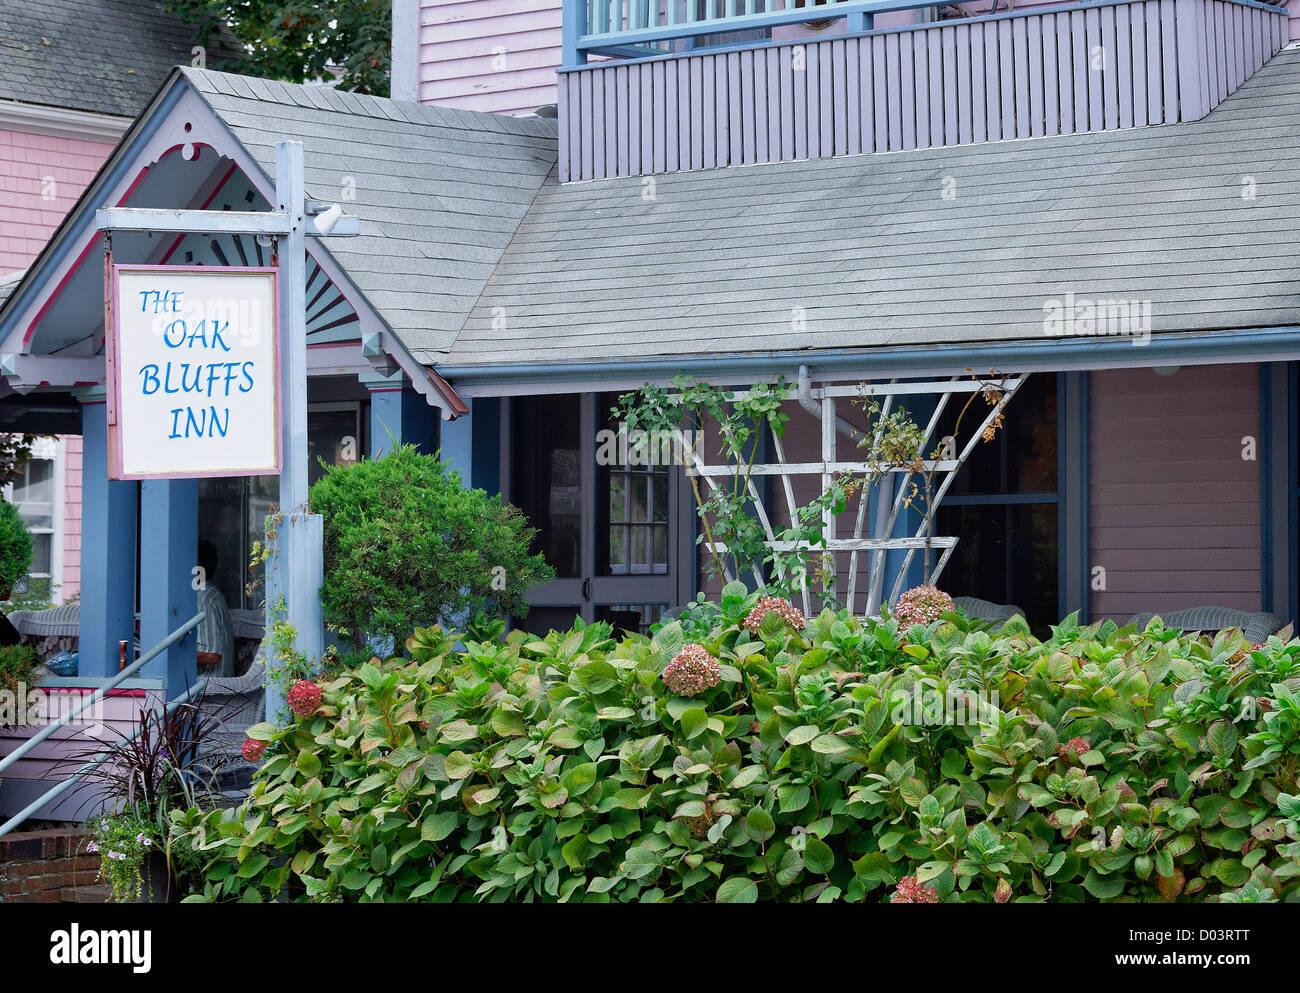 Oak Bluffs Inn, Oak Bluffs, Martha's Vineyard, Massachusetts, USA - Stock Image